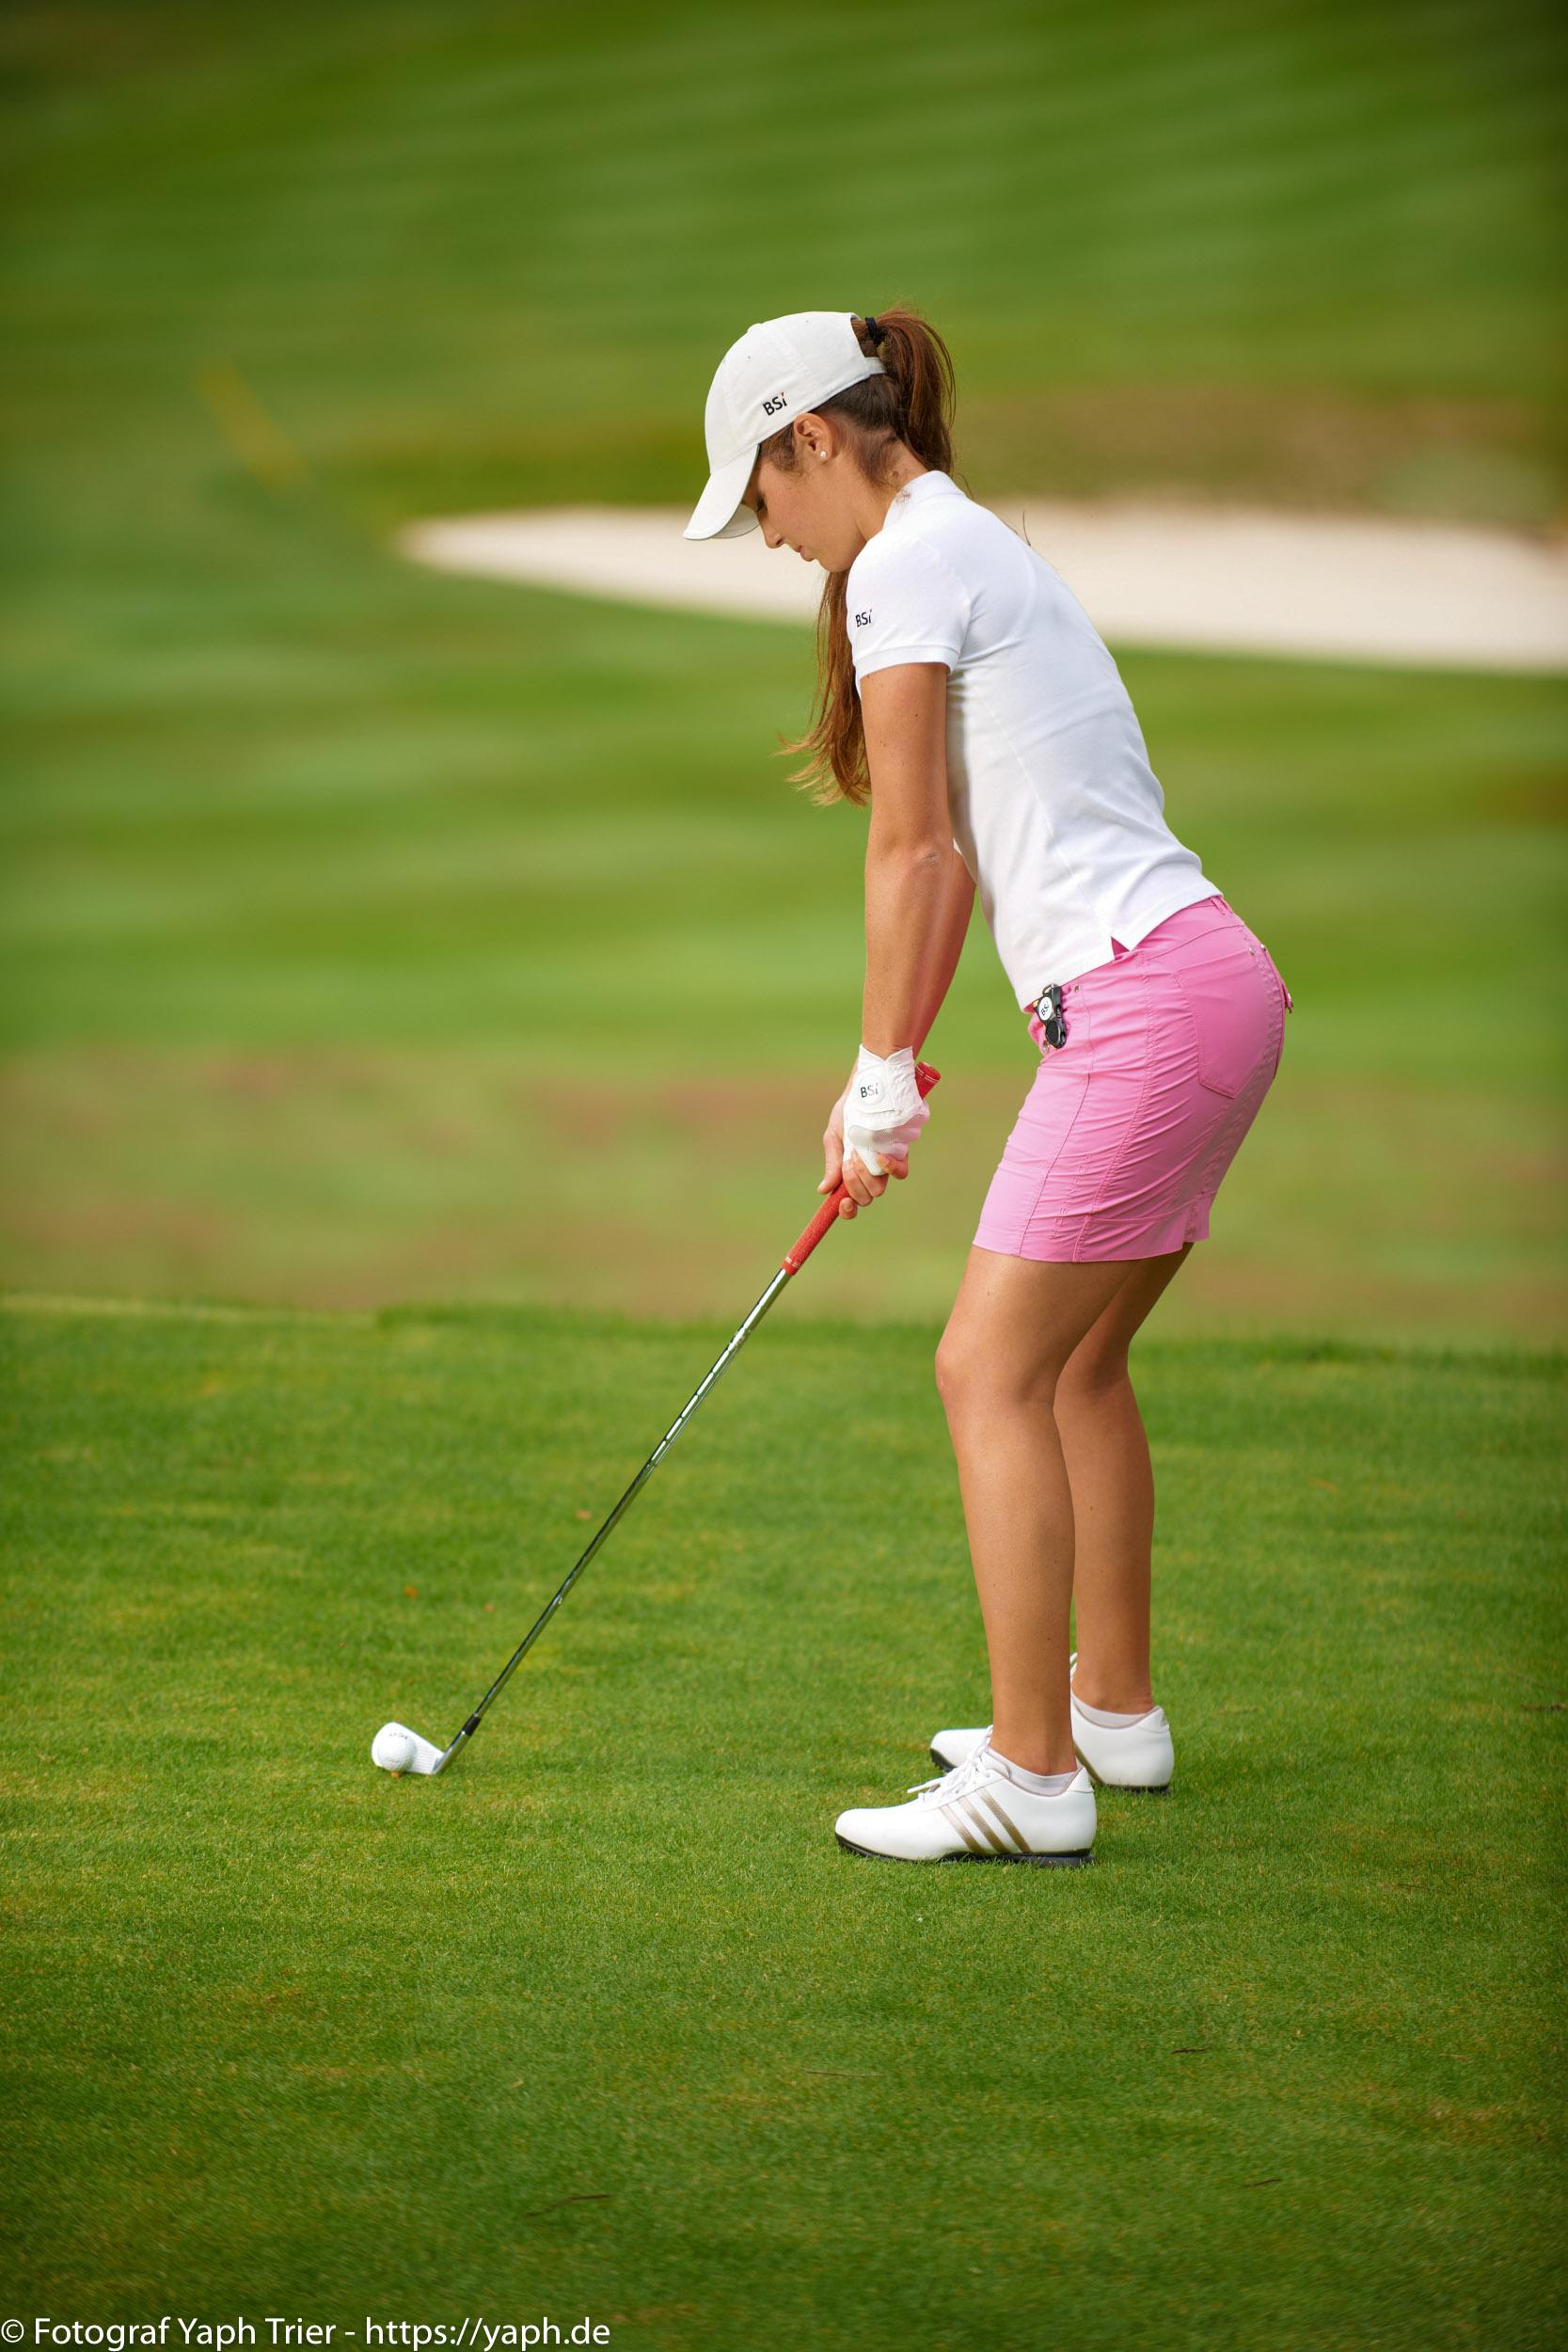 Liebelei Elena Lawrence - luxemburger Golfspielerin bei Fotograf Yaph - 16